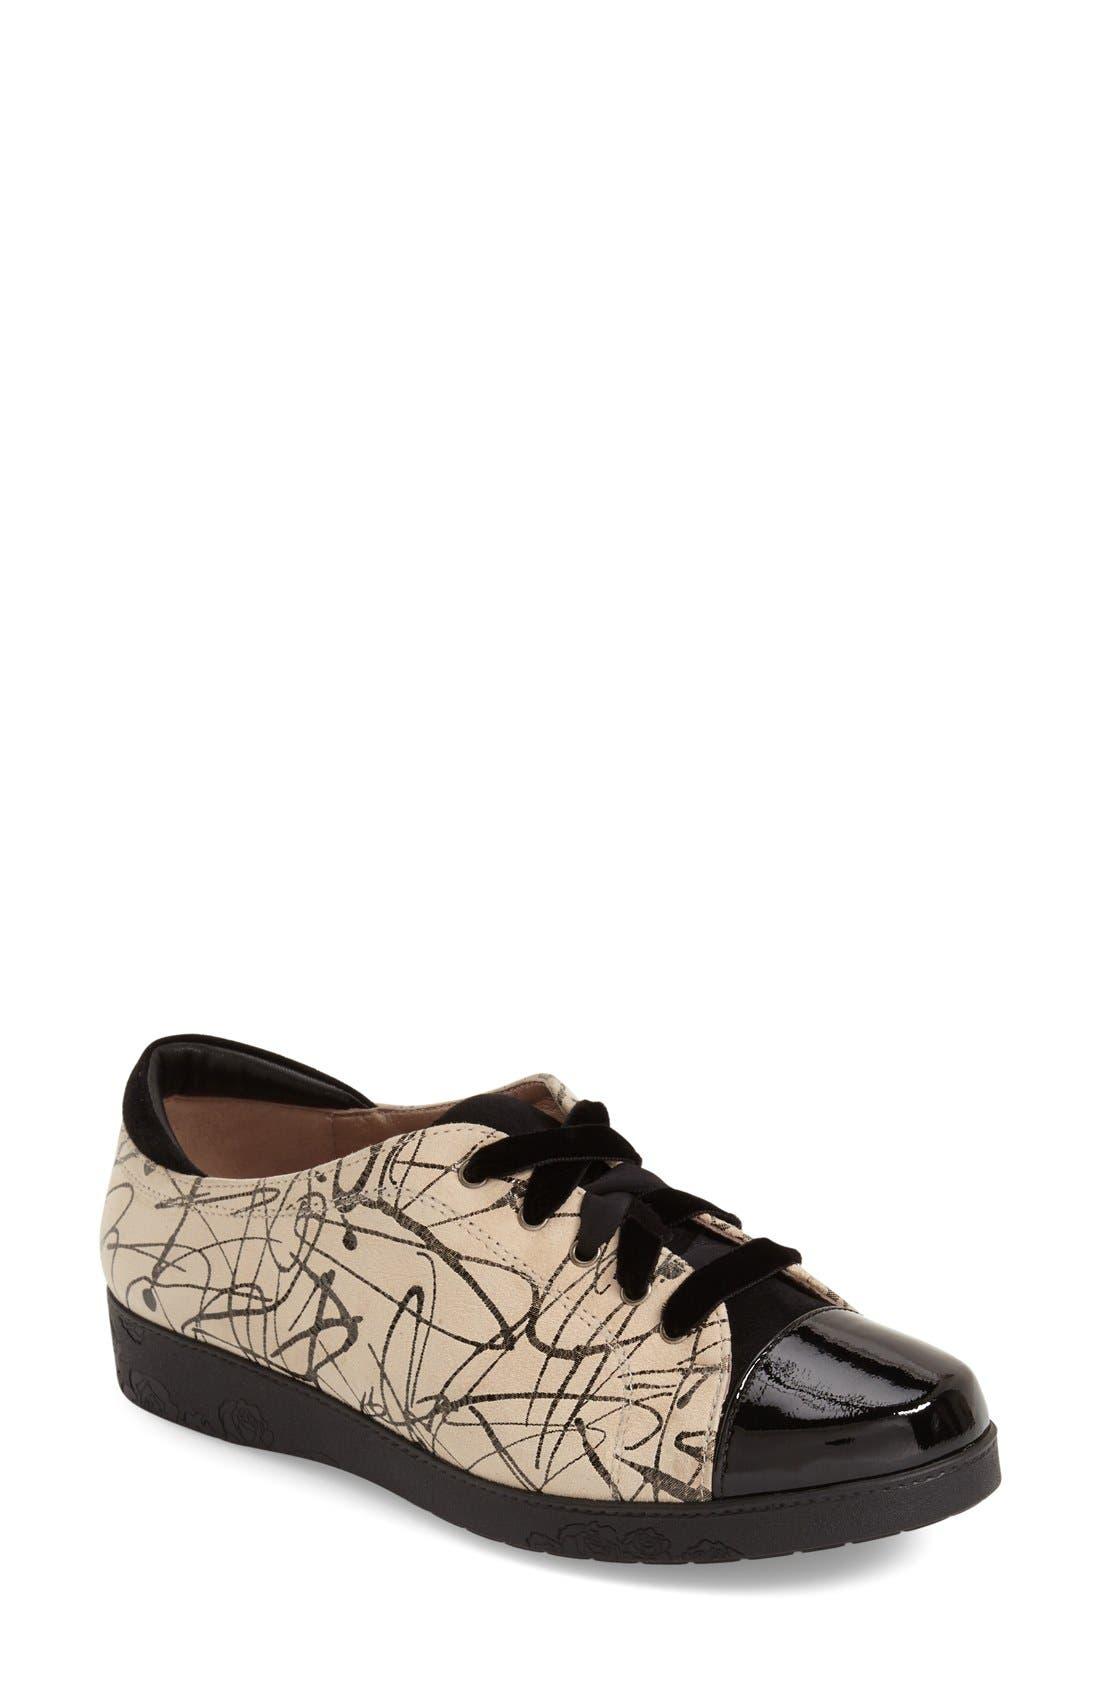 Main Image - BeautiFeel 'Cella' Cap Toe Sneaker (Women)